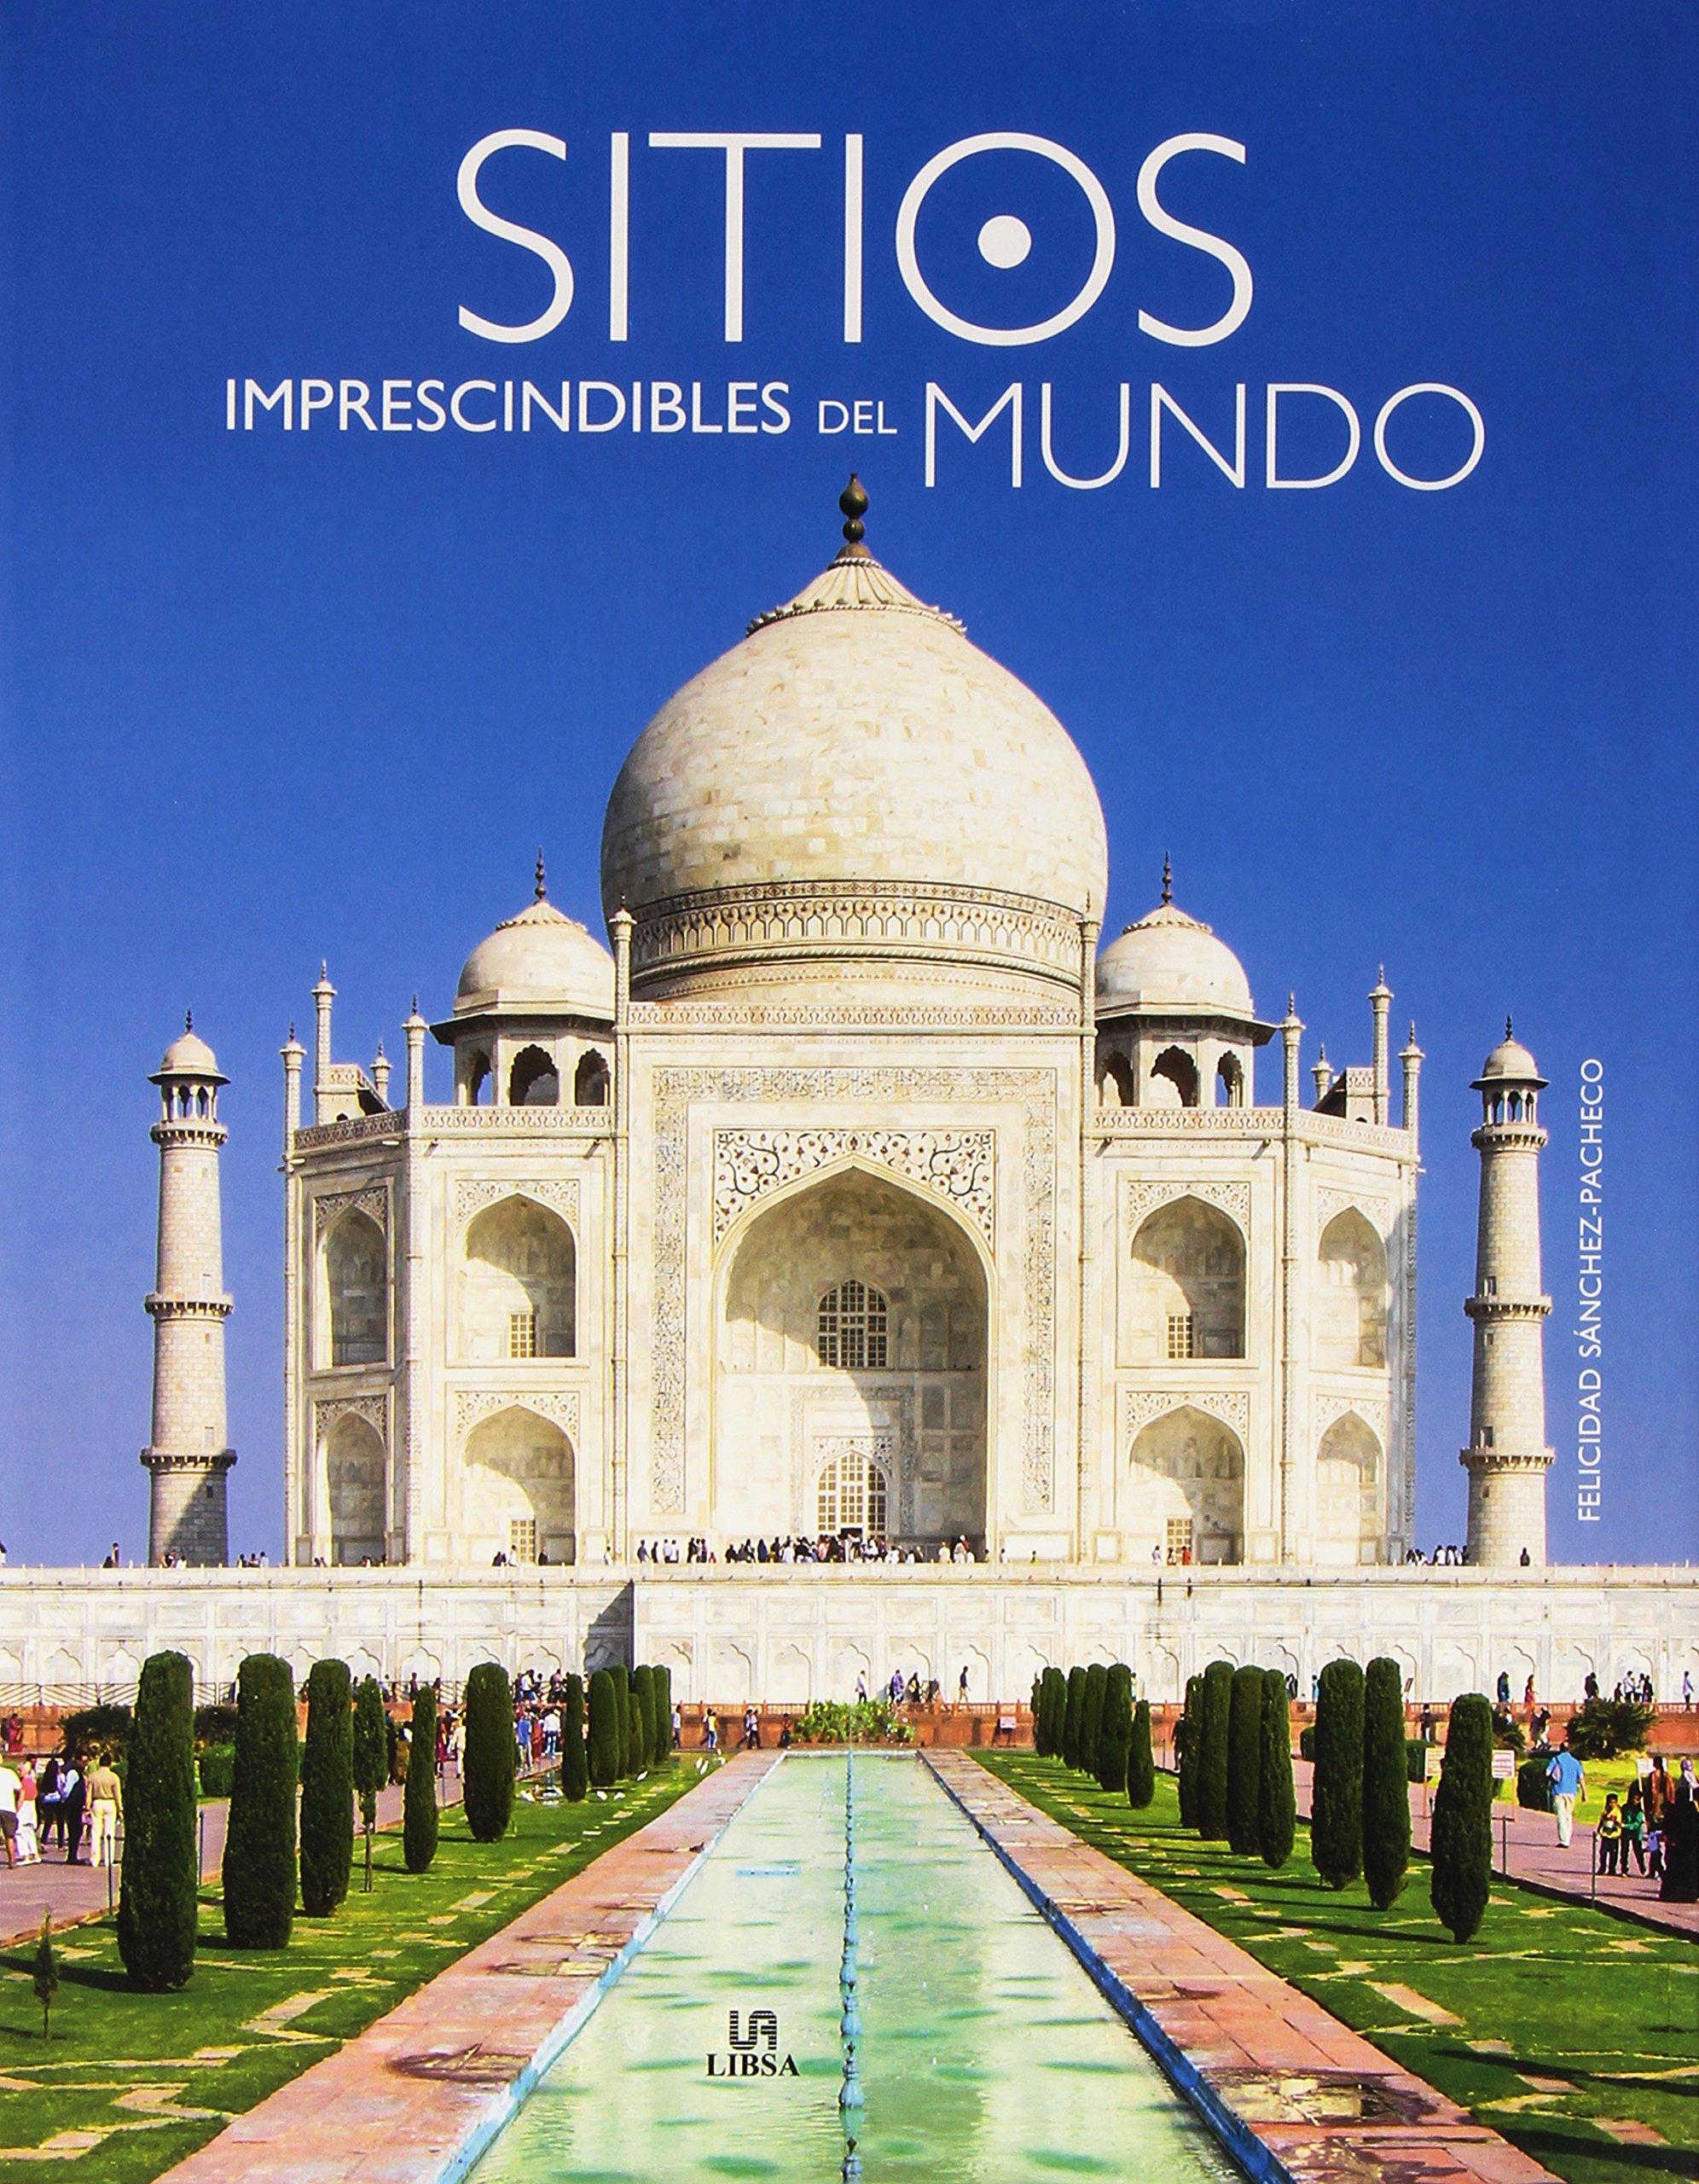 Sitios Imprescindibles Del Mundo Tapa dura – 19 oct 2015 Felicidad Sánchez Pacheco Libsa 8466231455 Guías de viaje y turismo